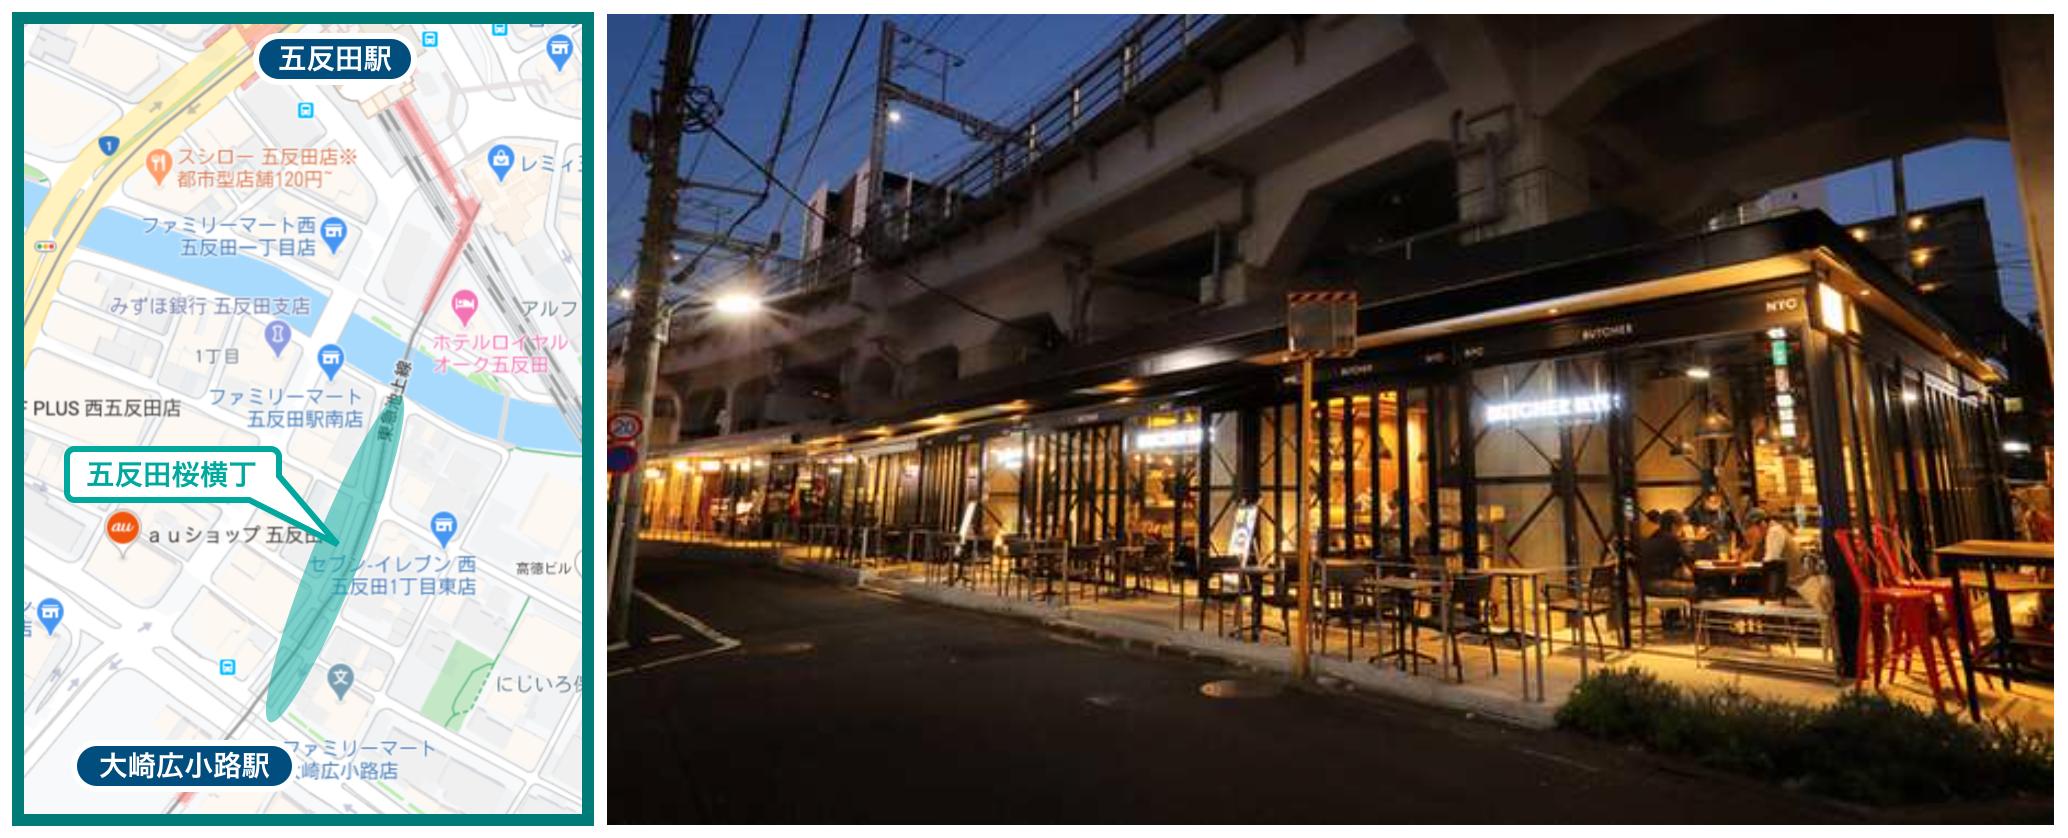 五反田桜横丁のグーグルマップ